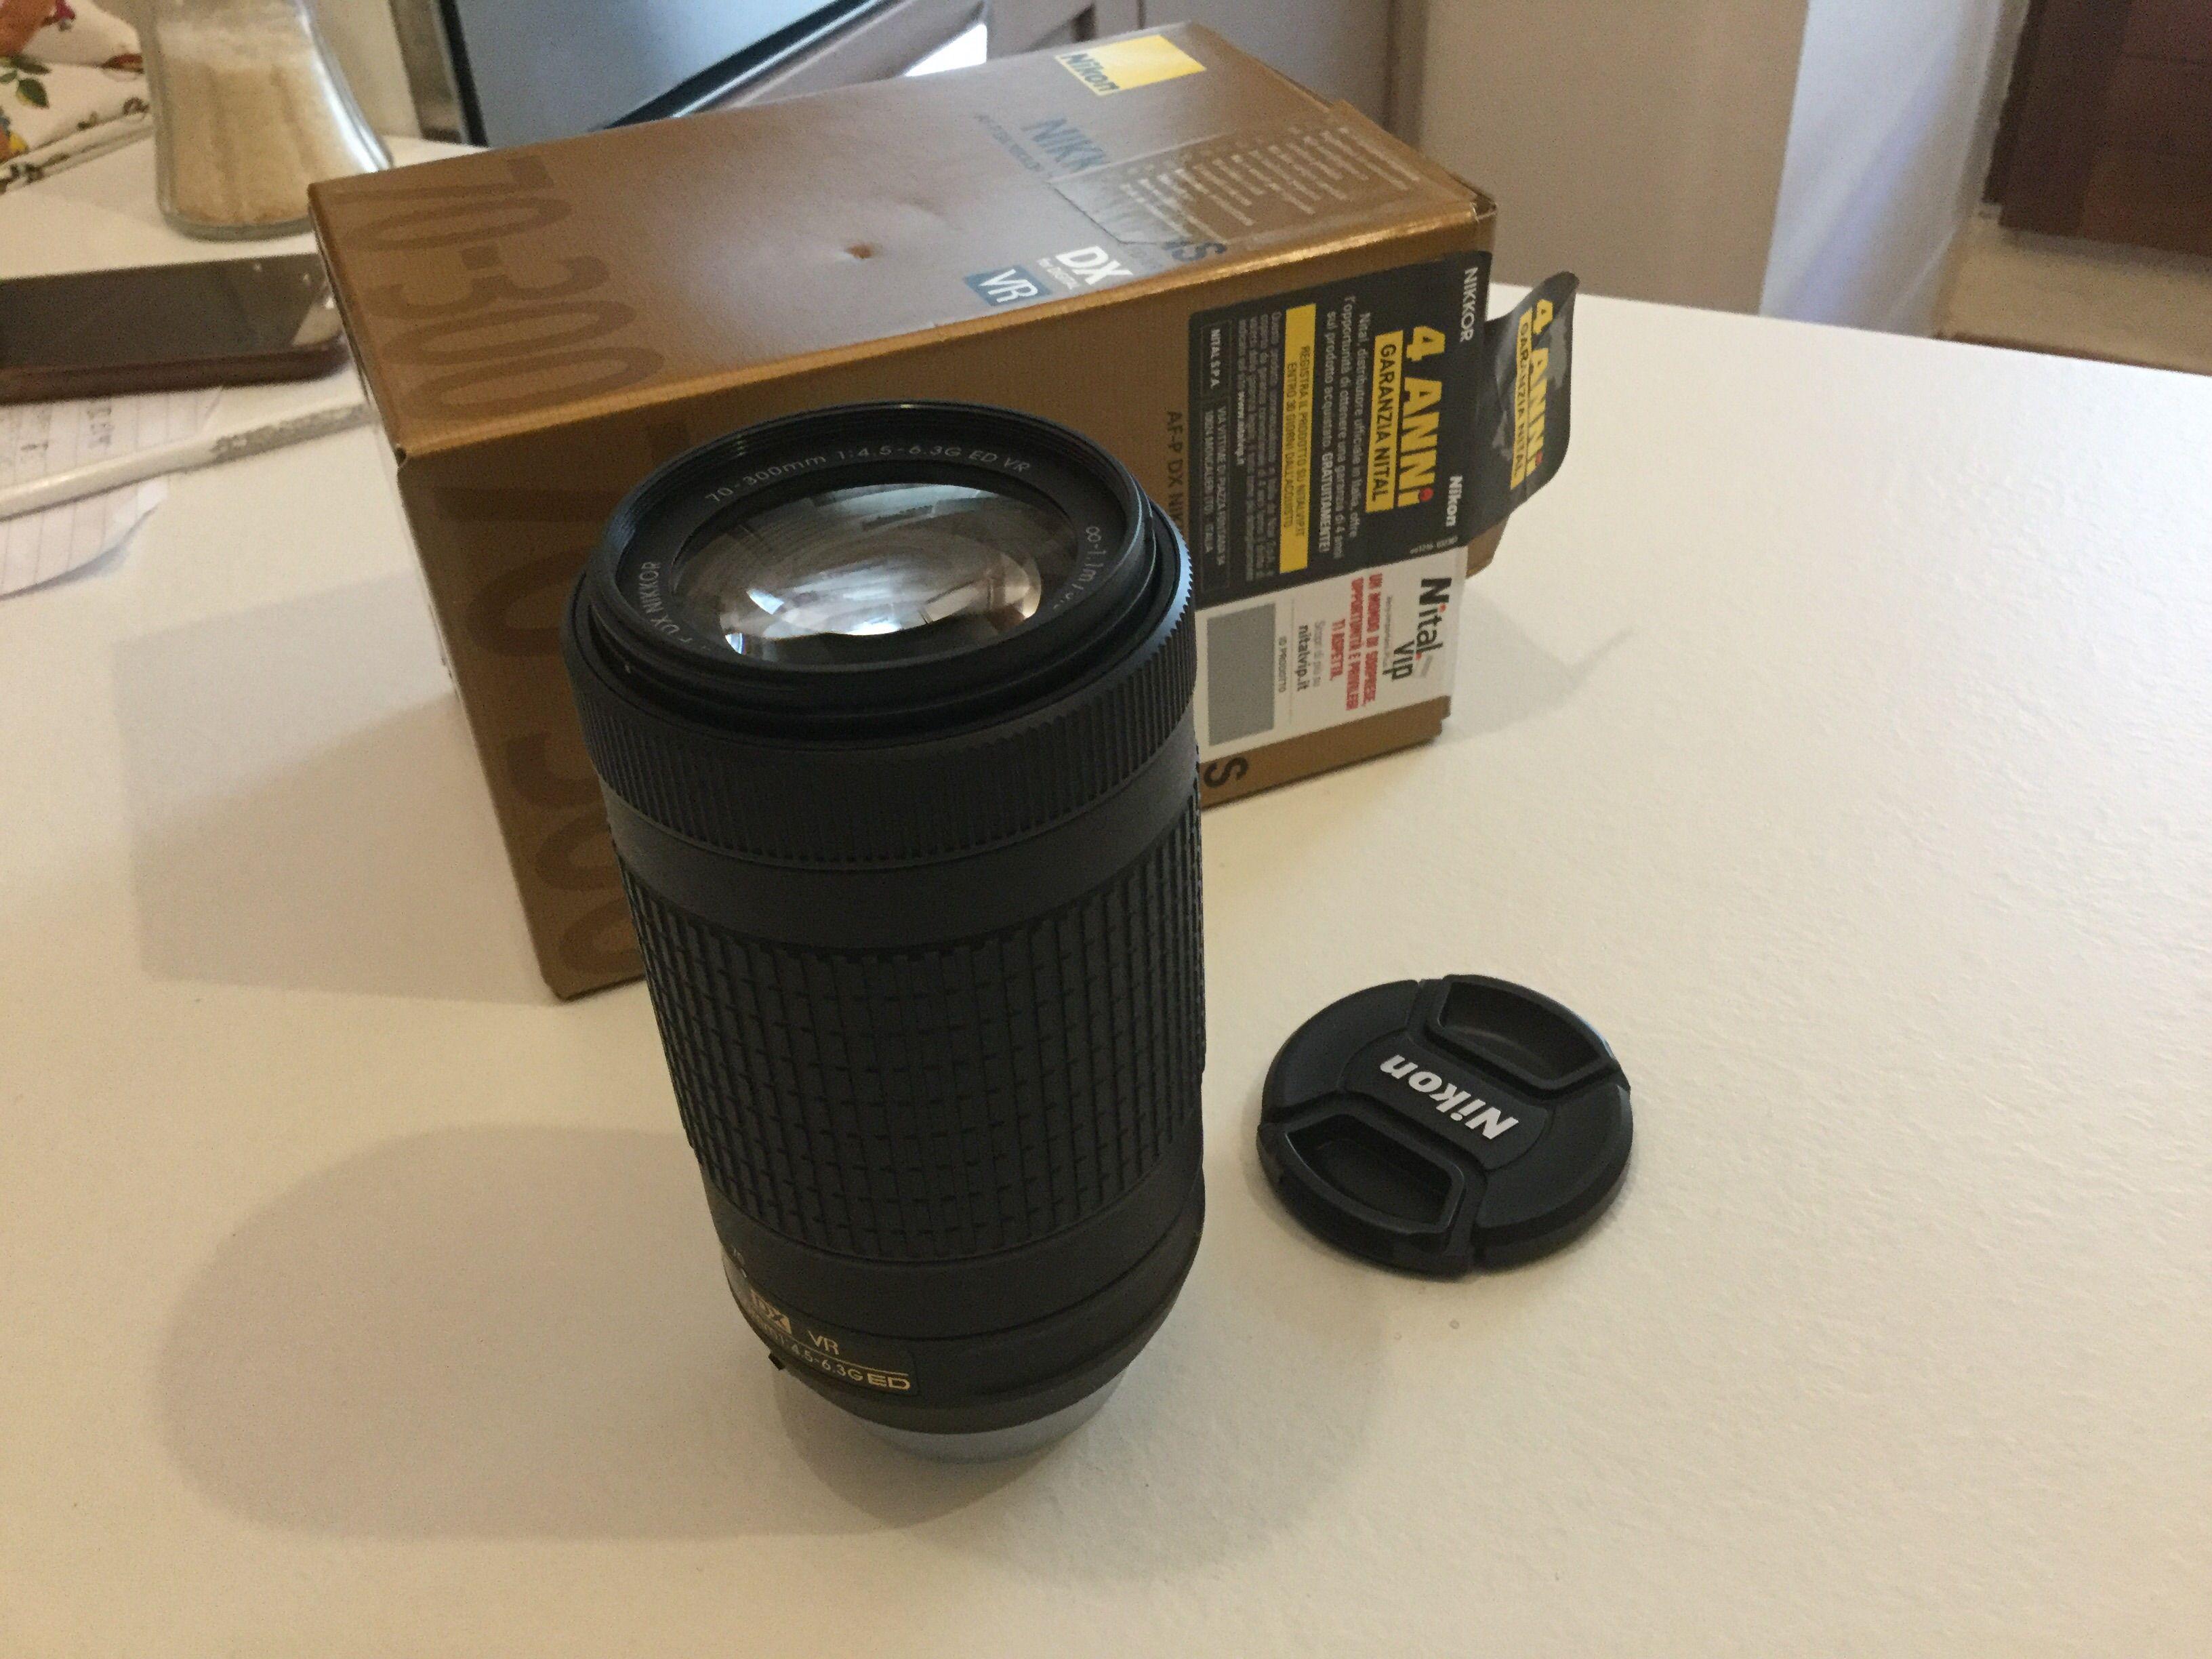 Nikkor AF-P DX 70-300mm f/4.5-6.3G ED VR